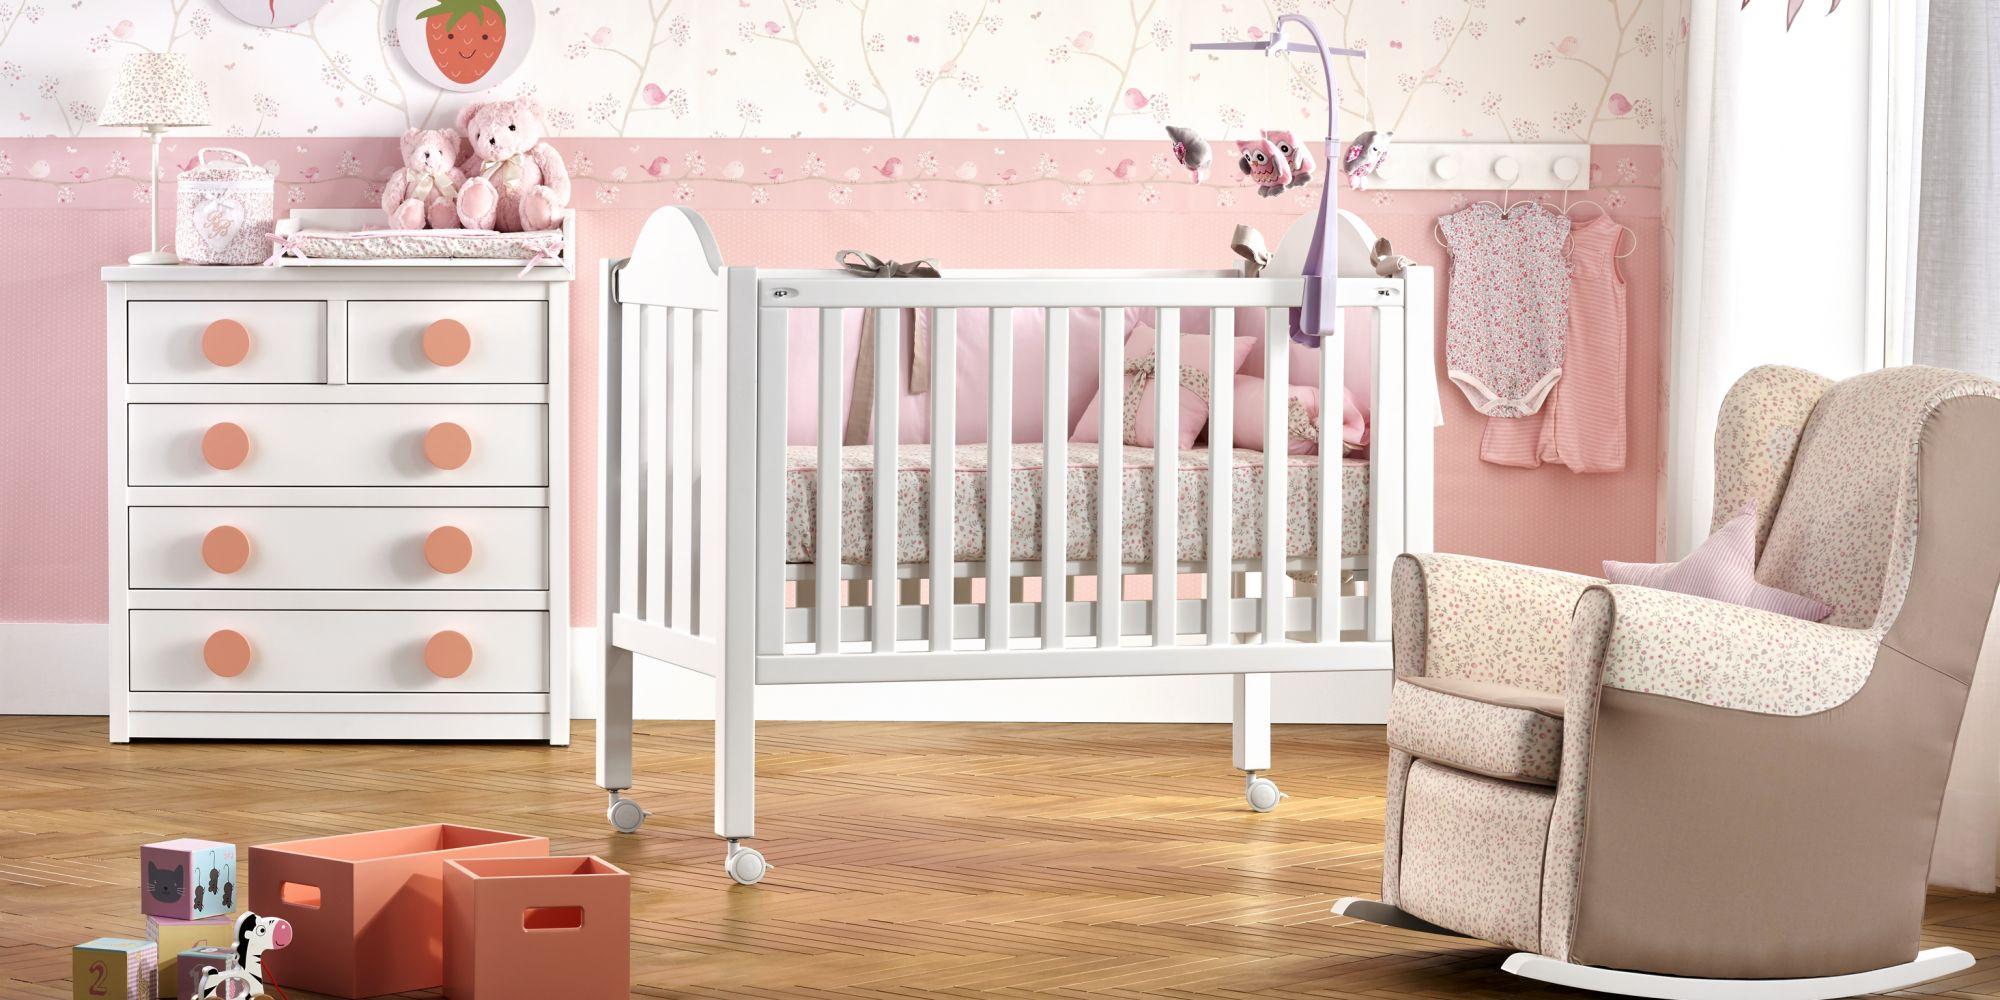 Cuna curva, cómoda de 5 cajones, mecedora infantil y complementos | Mueble de Bebé